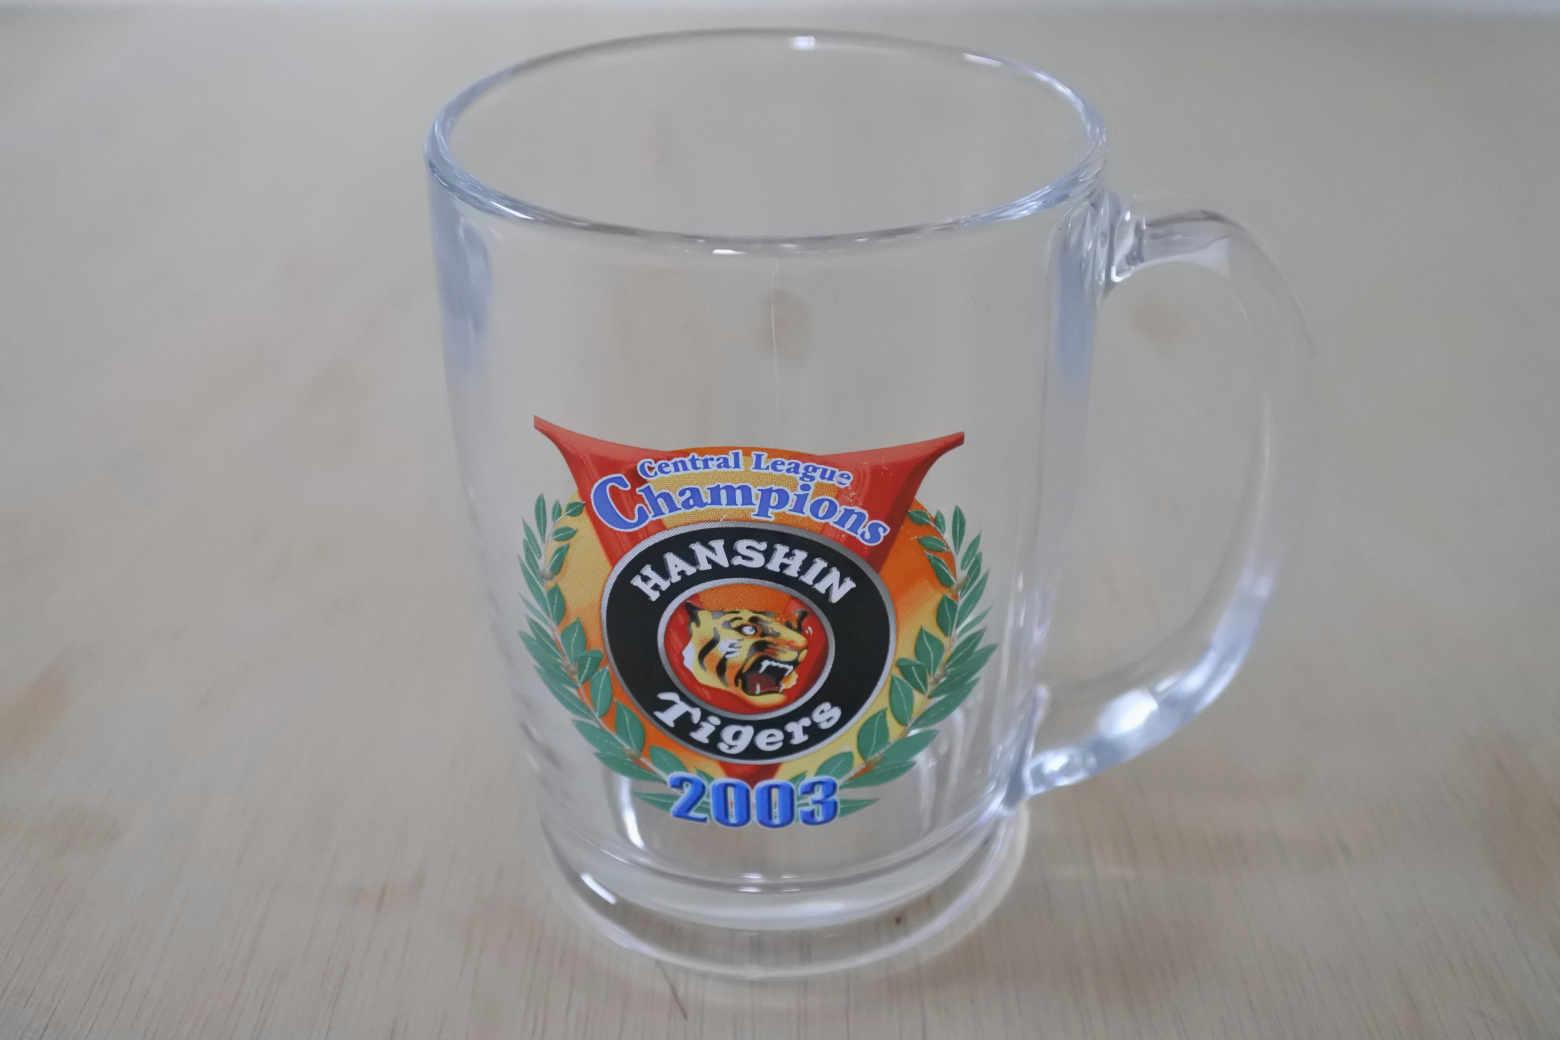 阪神タイガース2003年セントラルリーグチャンピオン